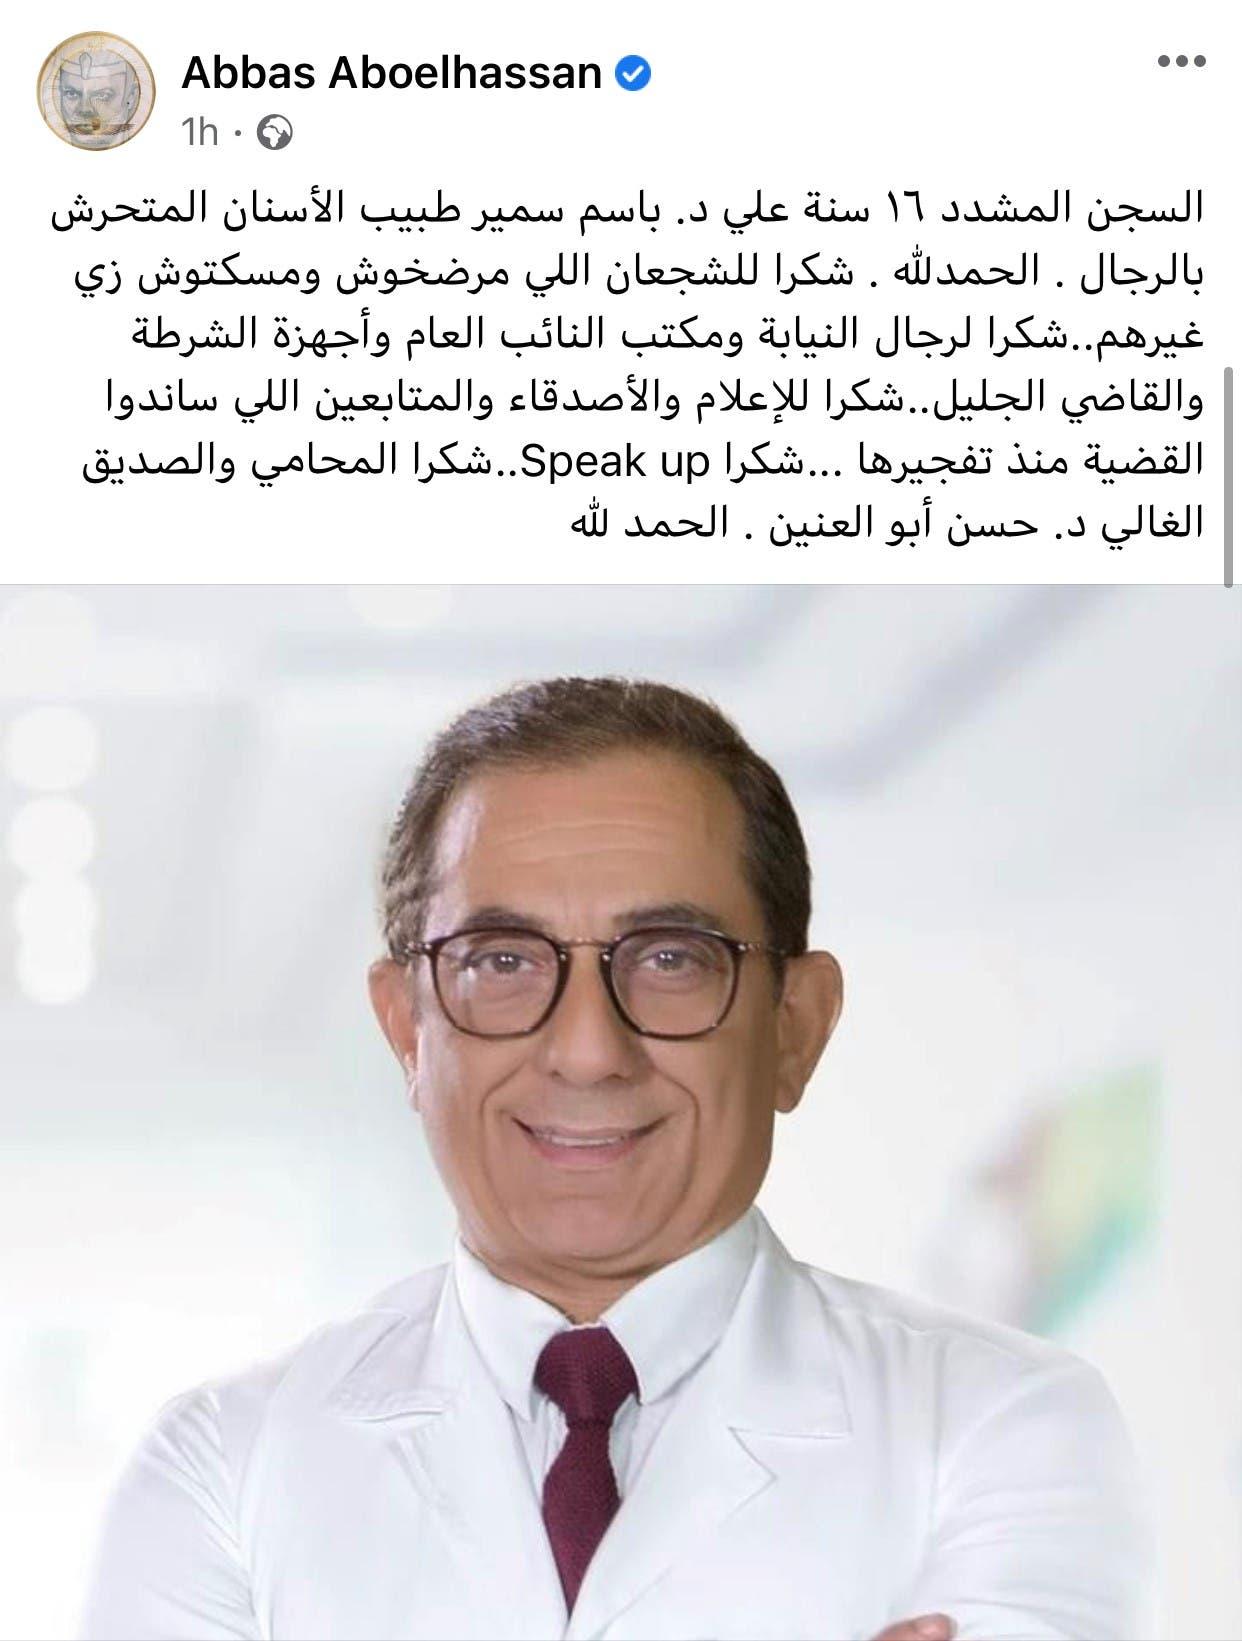 منشور الفنان عباس ابو الحسن عن الحكم